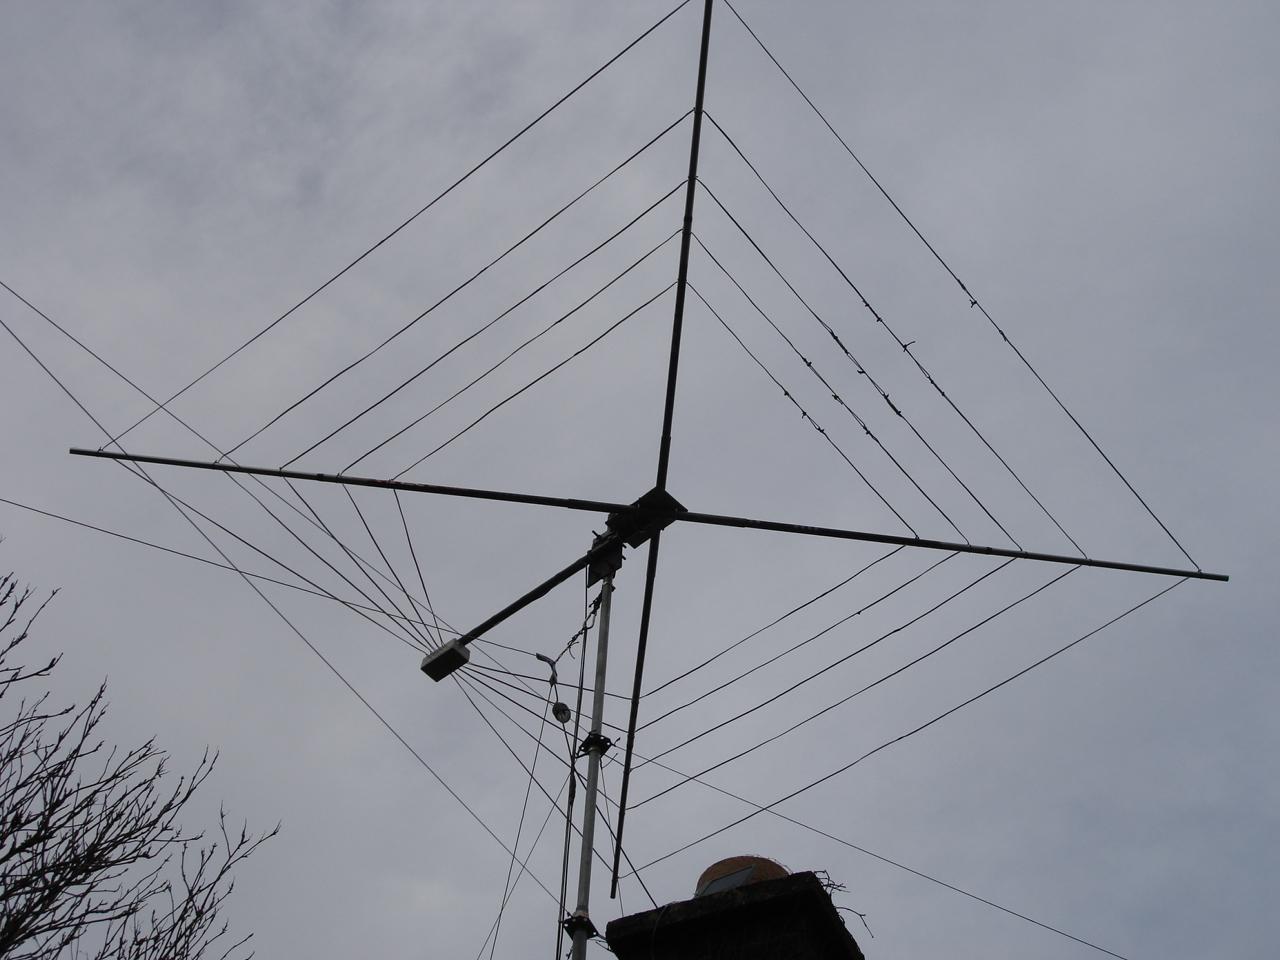 The Morse Sagas: Cobweb Antennas